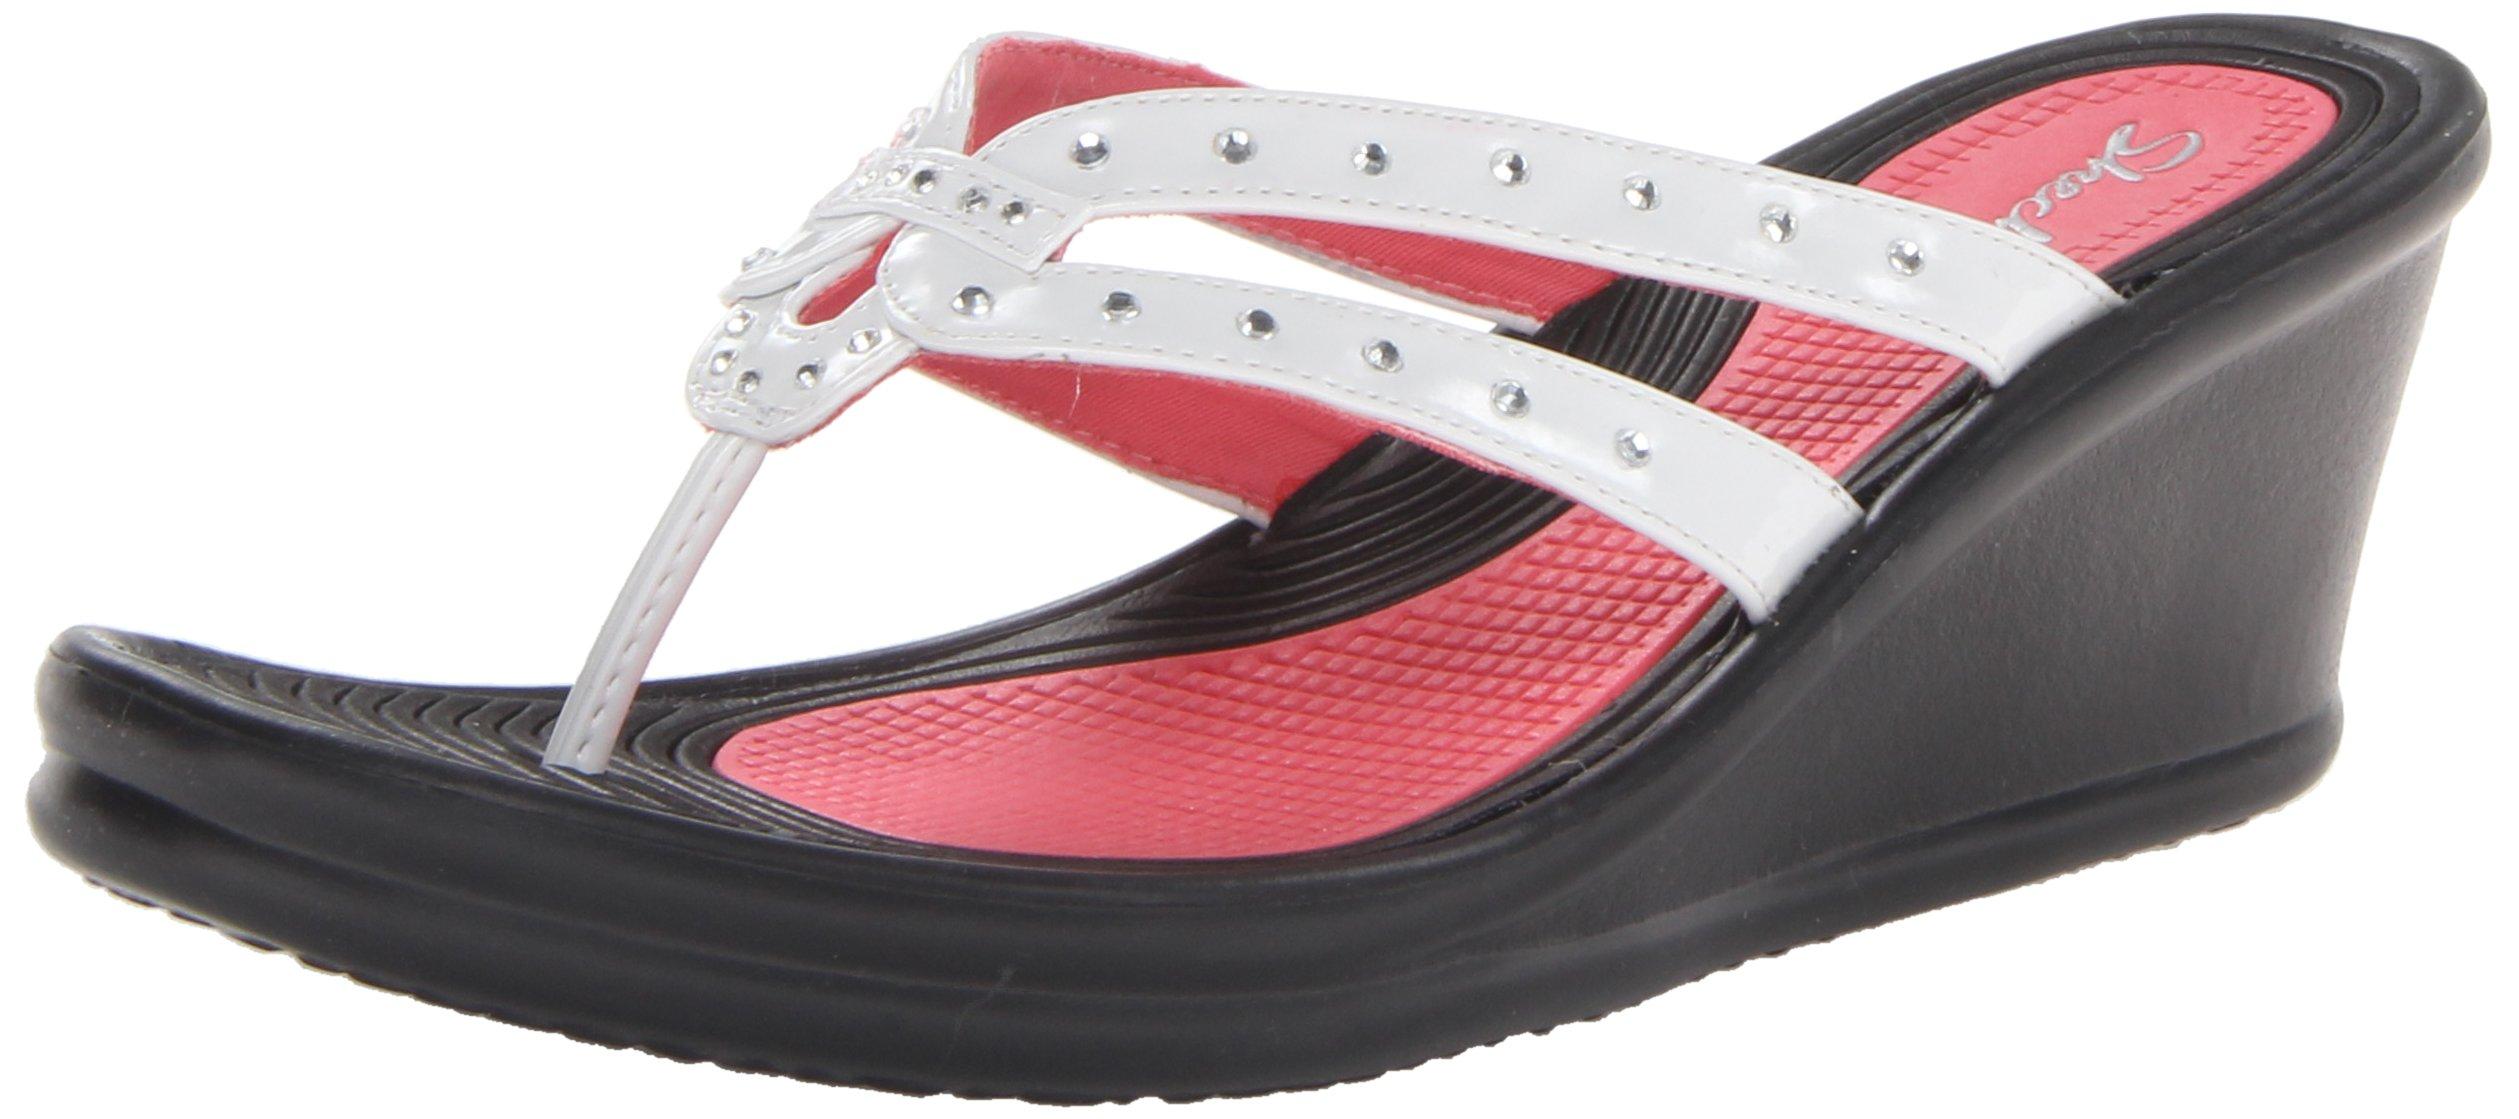 Skechers Cali Women's Rumblers-Lotus Flower Wedge Sandal